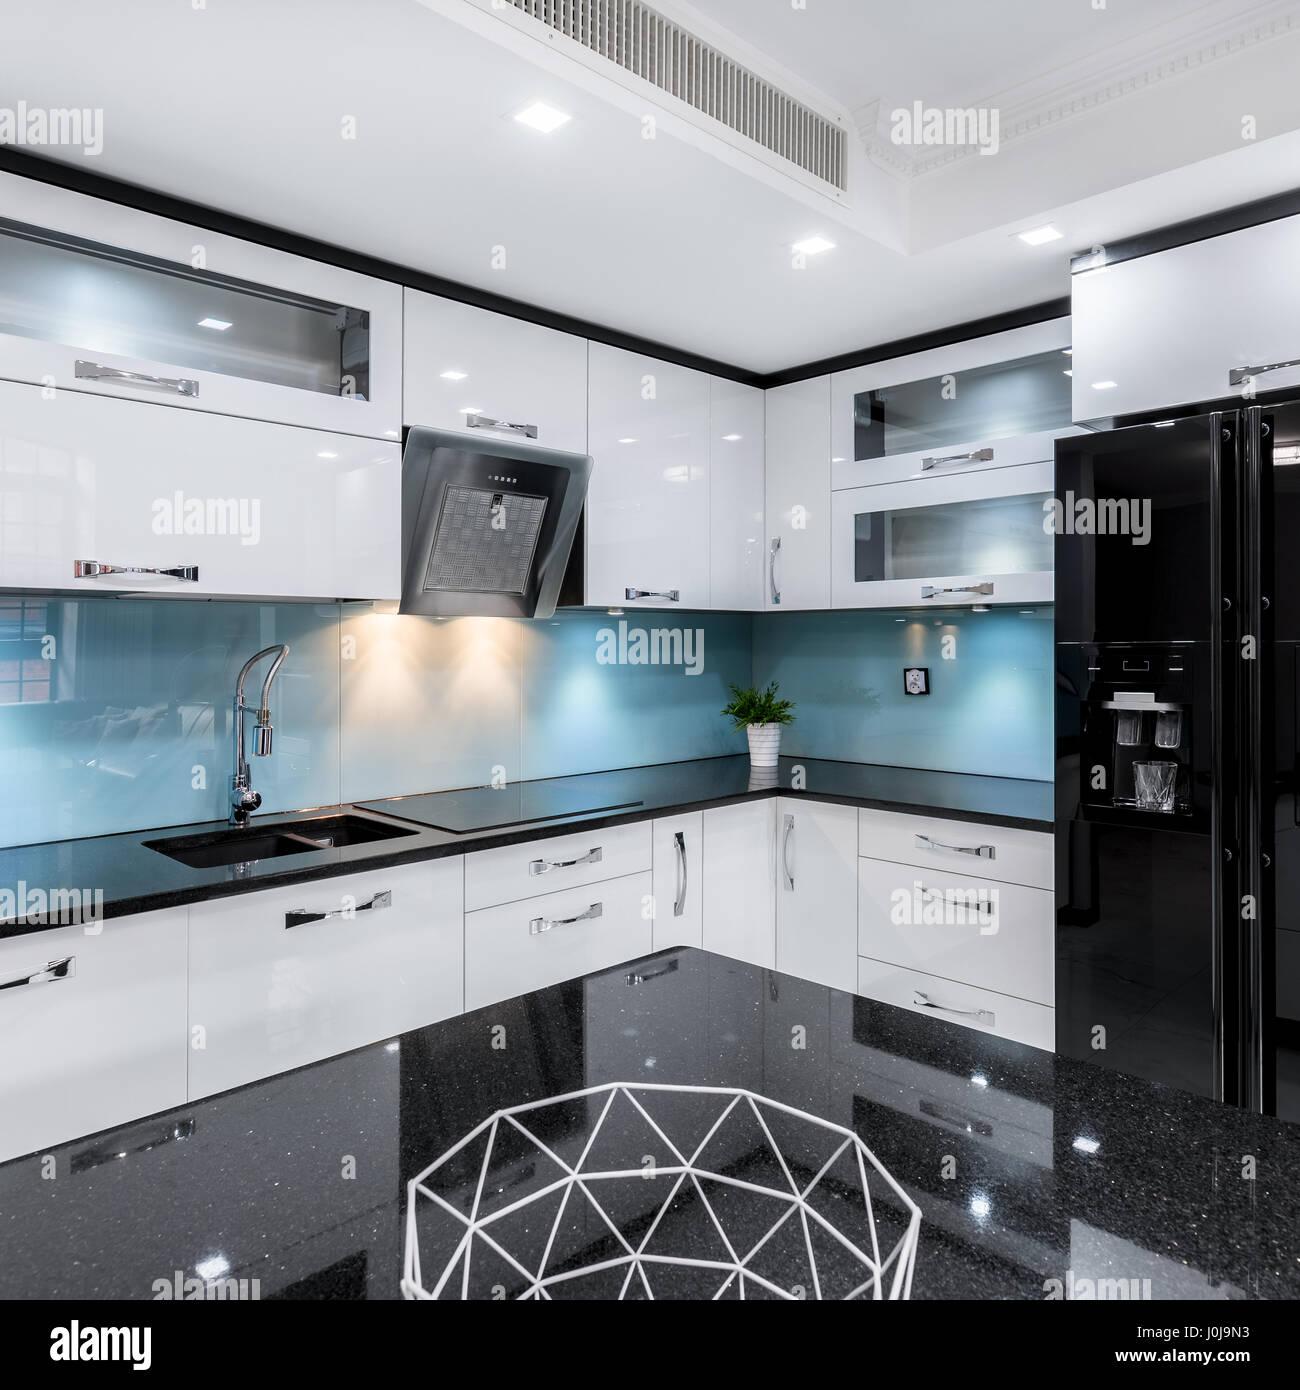 Moderne Schwarz Weiss Hochglanzend Kuche Mit Tisch Und